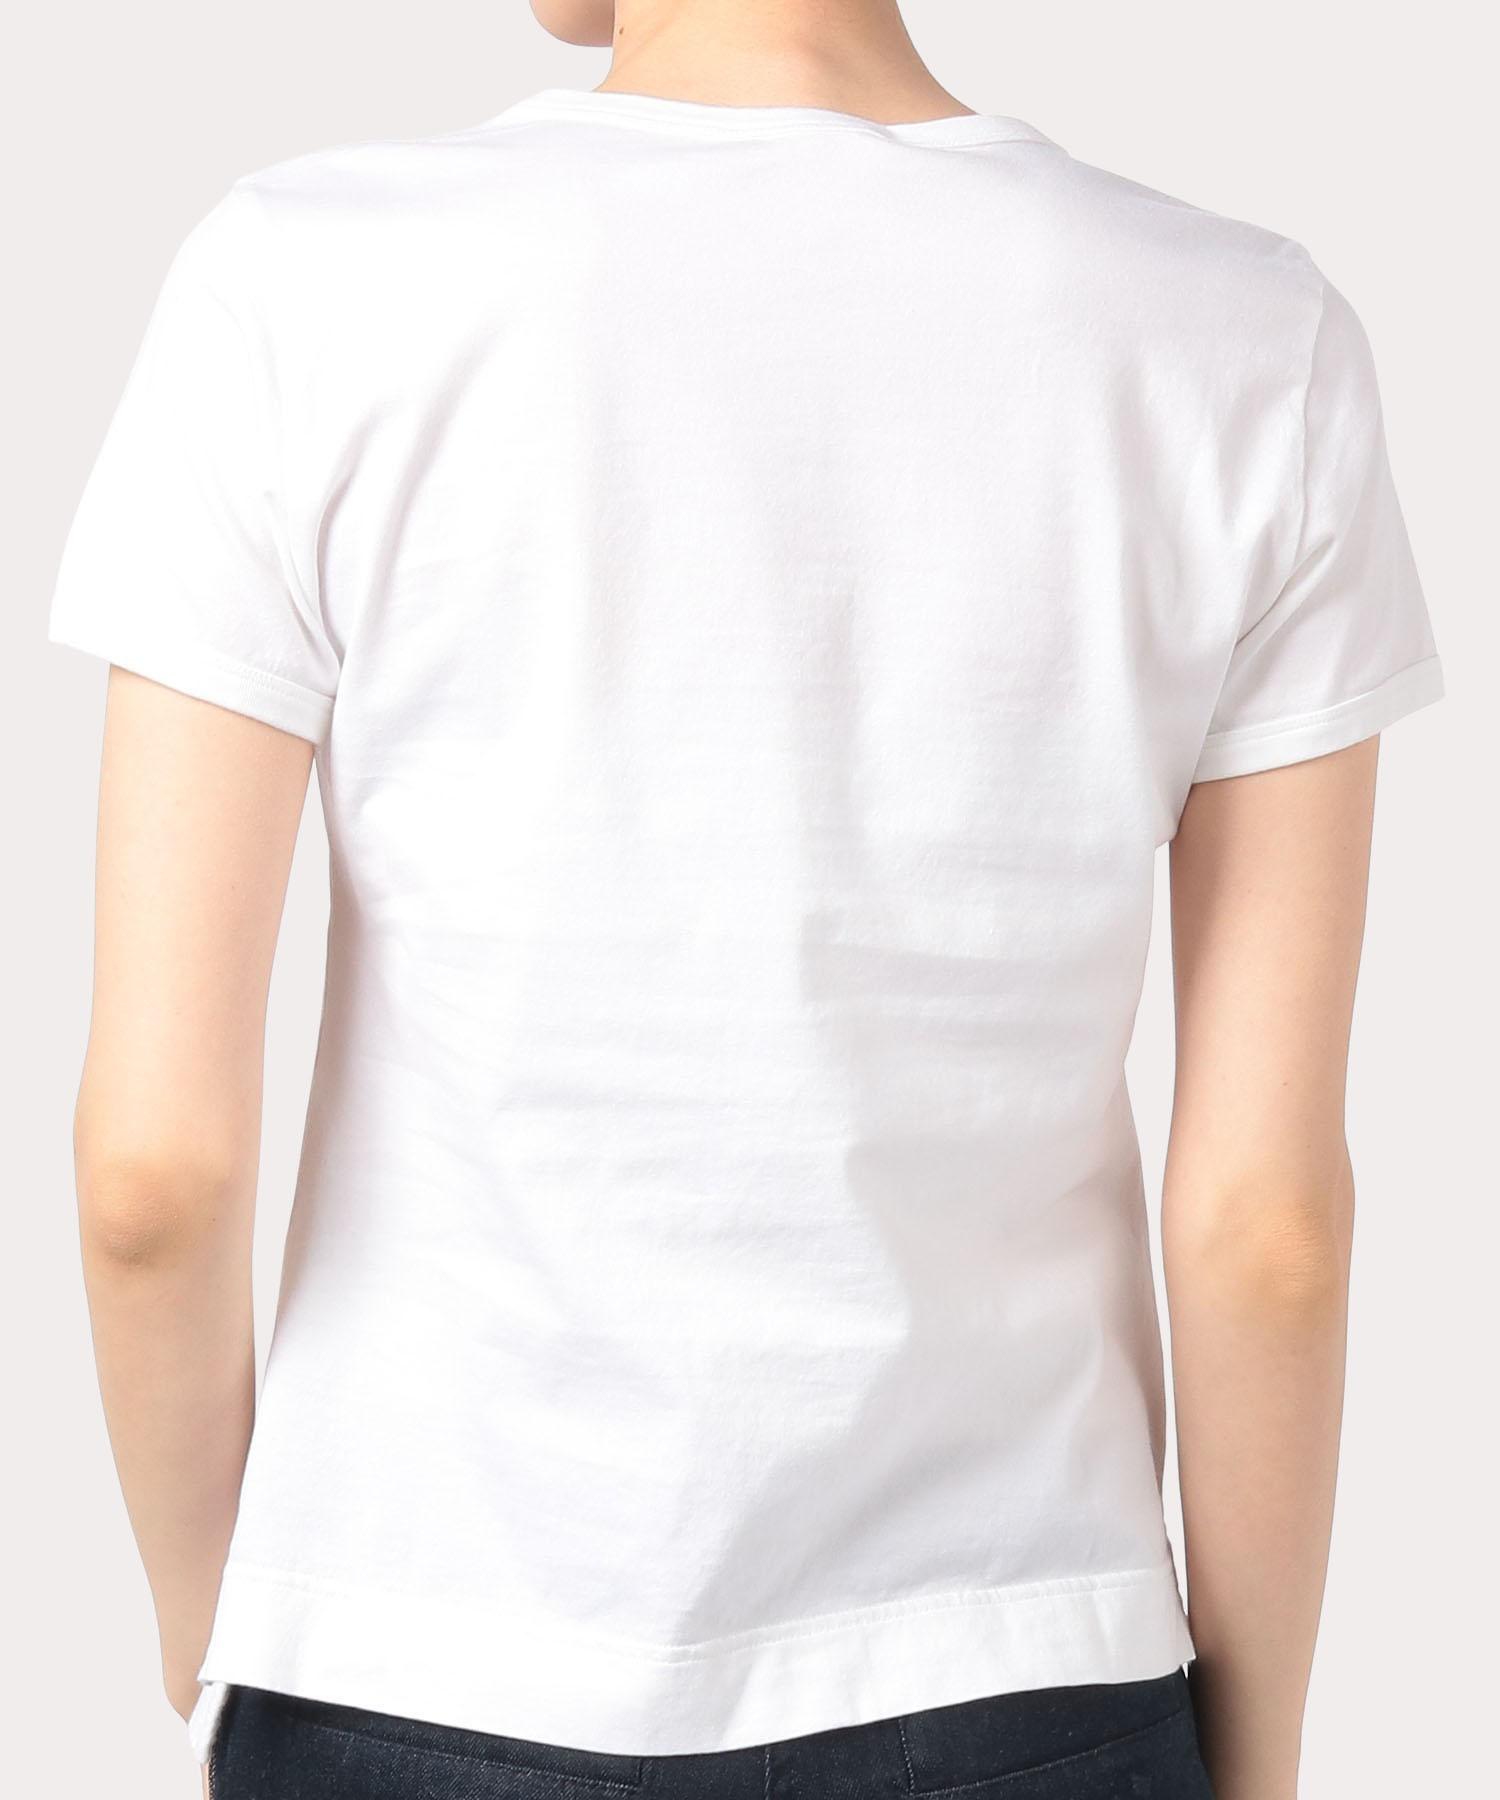 パイレーツハート クラシックTシャツ